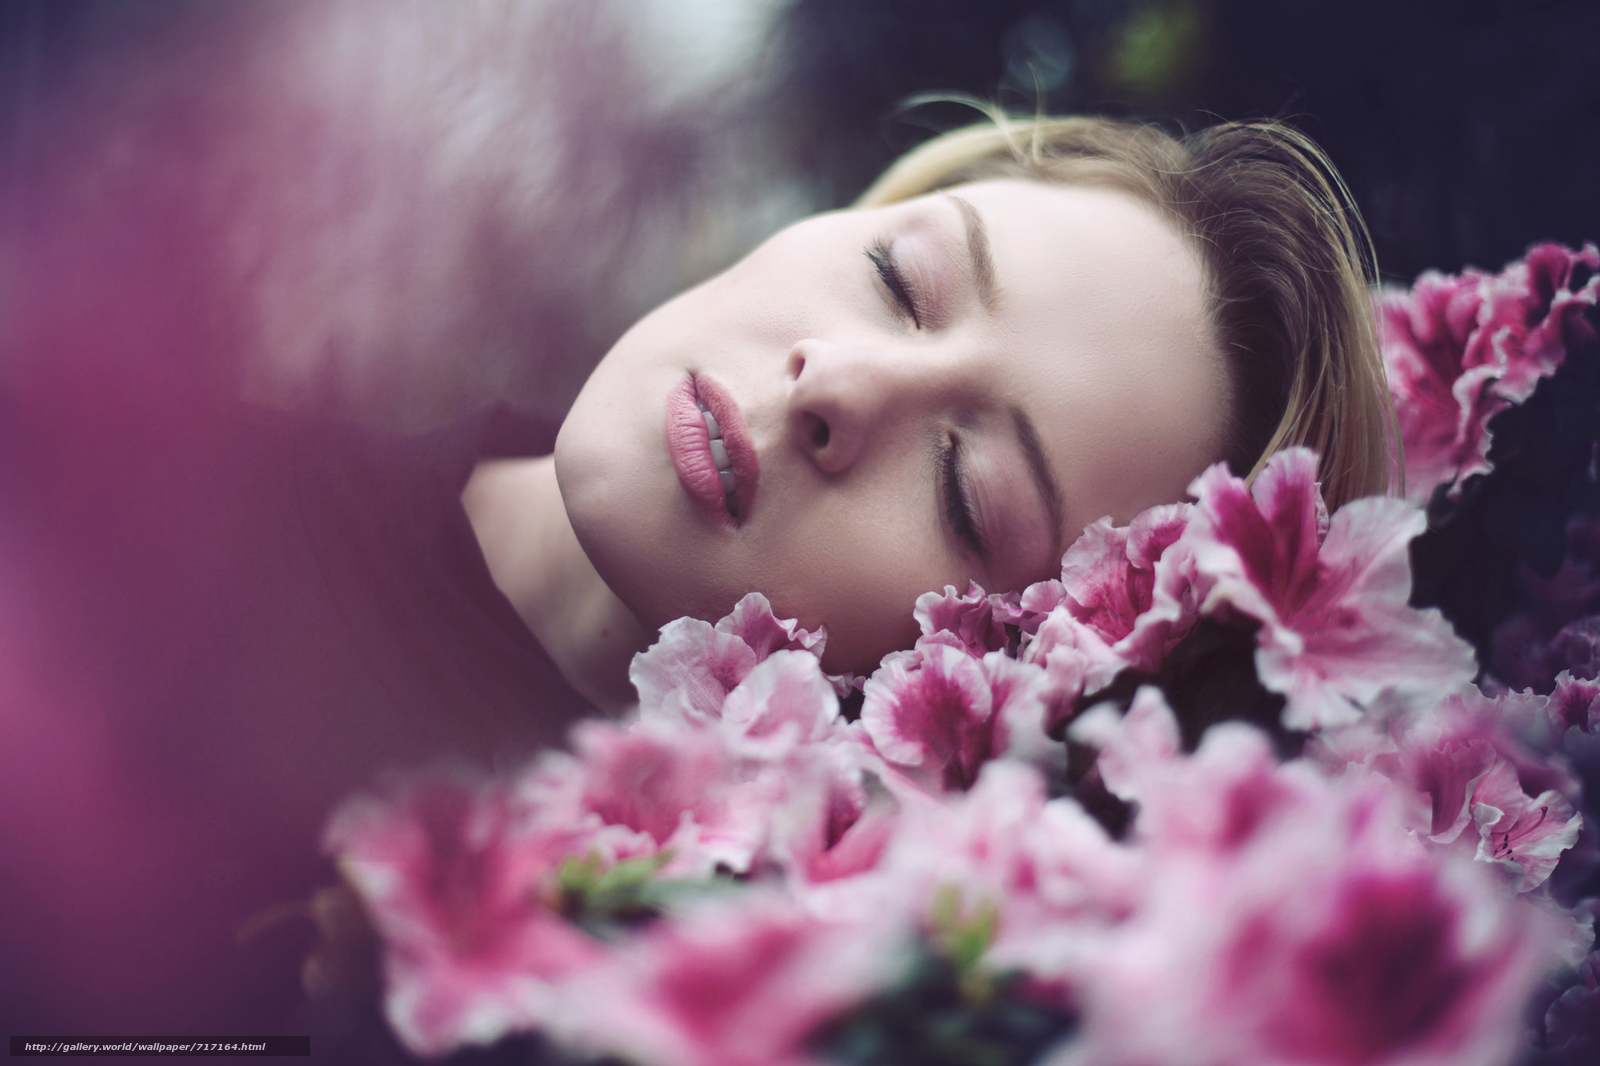 Если во сне вы срываете цветы, чтобы составить из них букет, – в реальной жизни этот сон означает ваше приобщение к знанию и осмыслению мира.